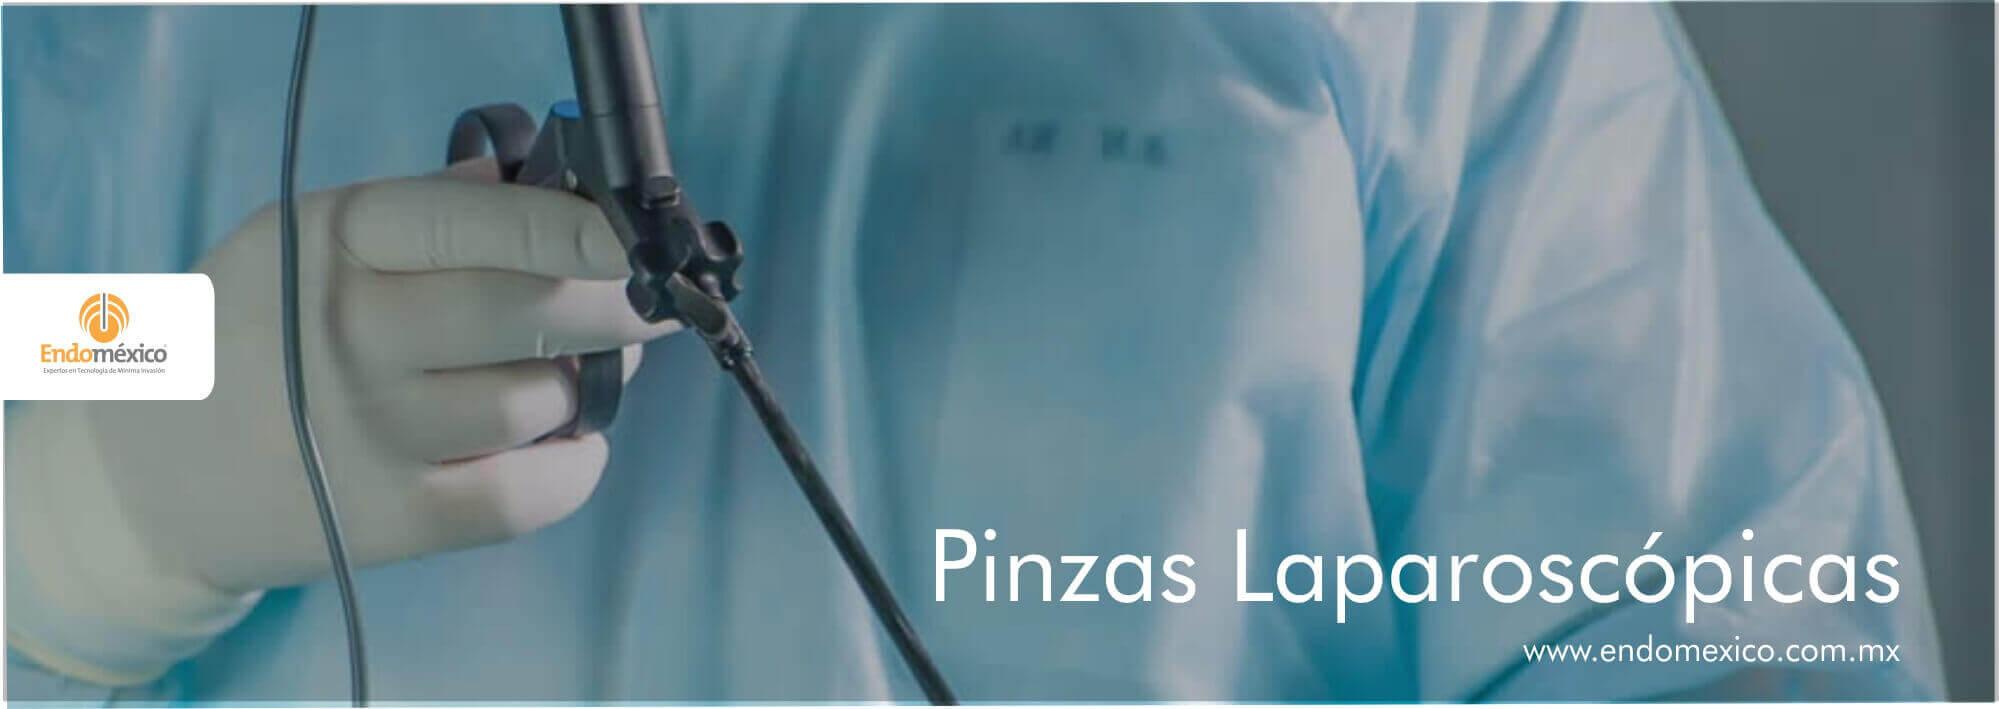 pinzas-laparoscopicas